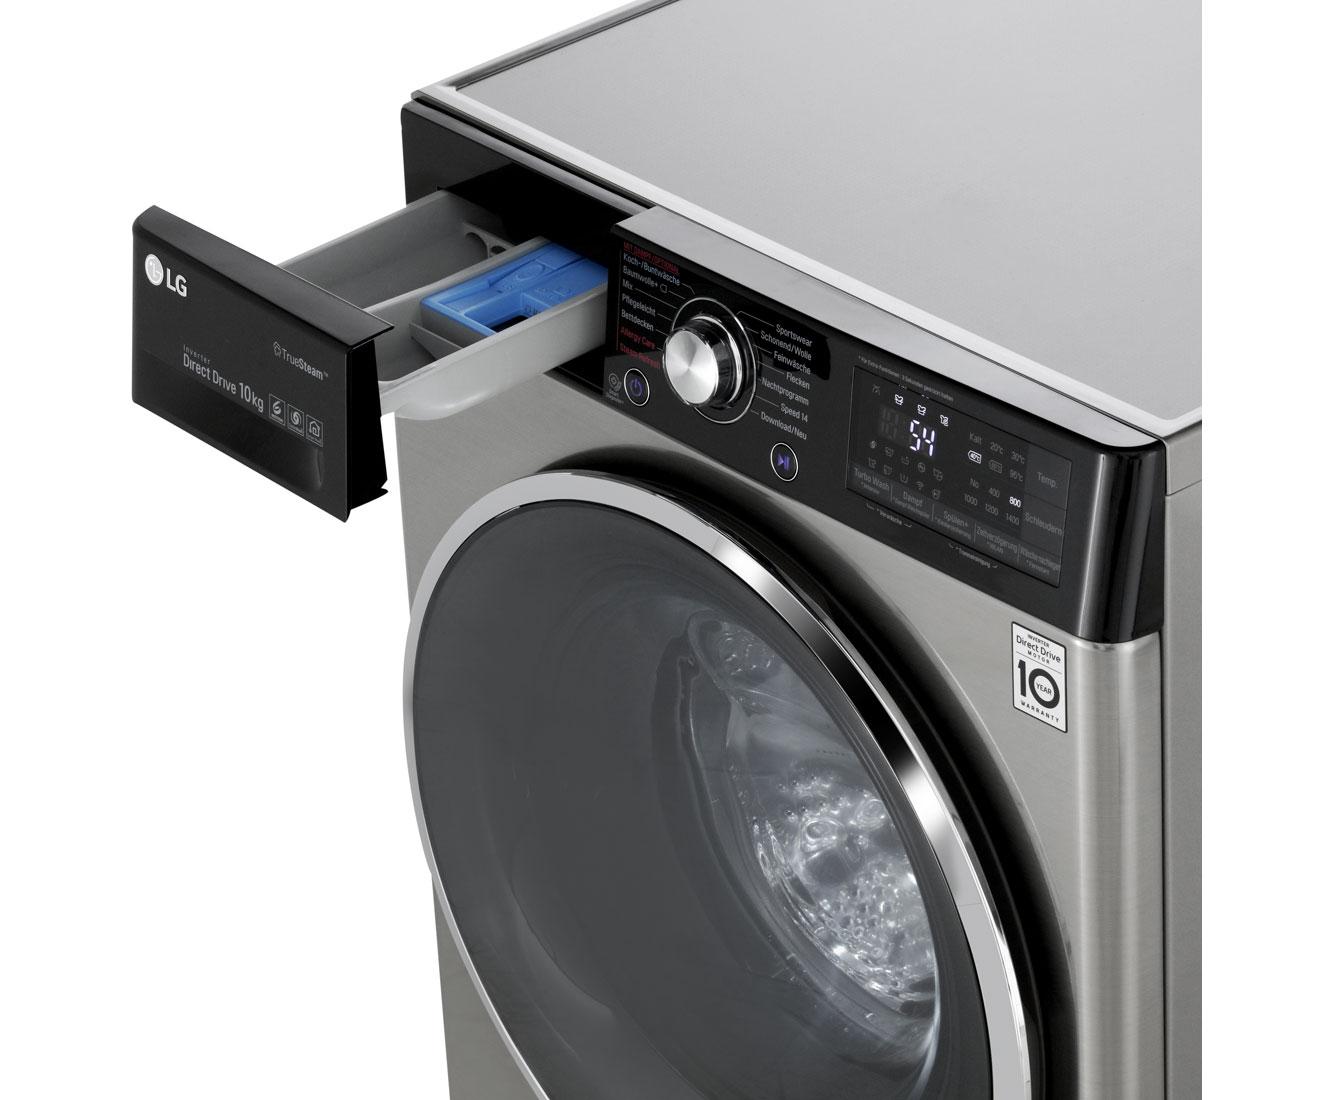 lg f 14wm 10tt6 waschmaschine freistehend steel neu ebay. Black Bedroom Furniture Sets. Home Design Ideas